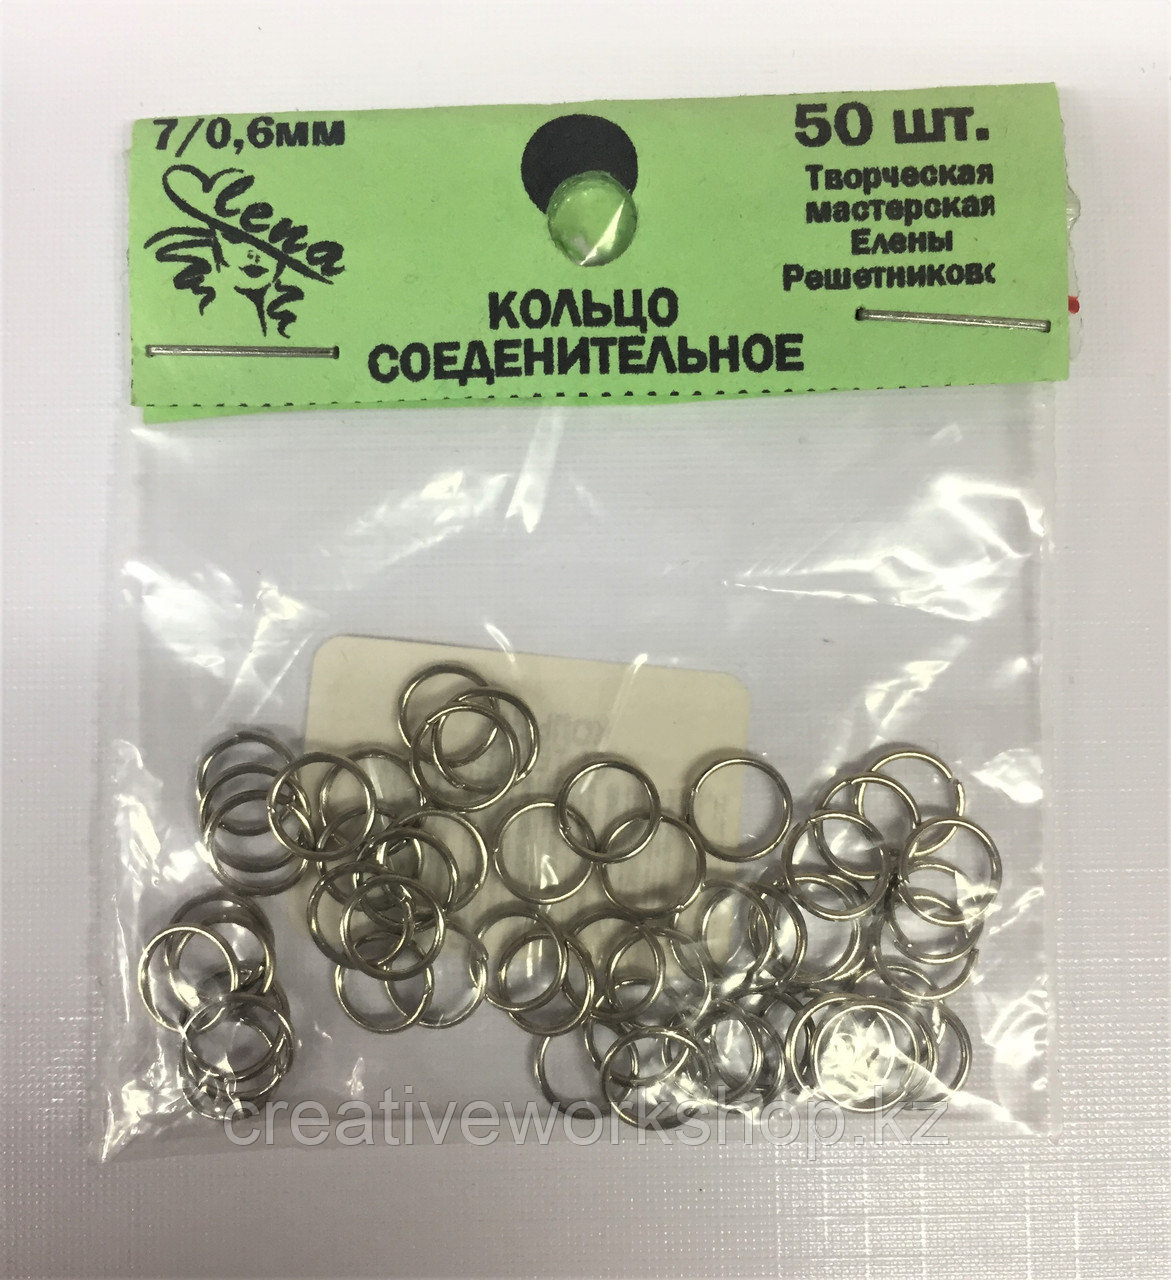 Кольцо соеденительное  7/0,6 мм (50 шт.)